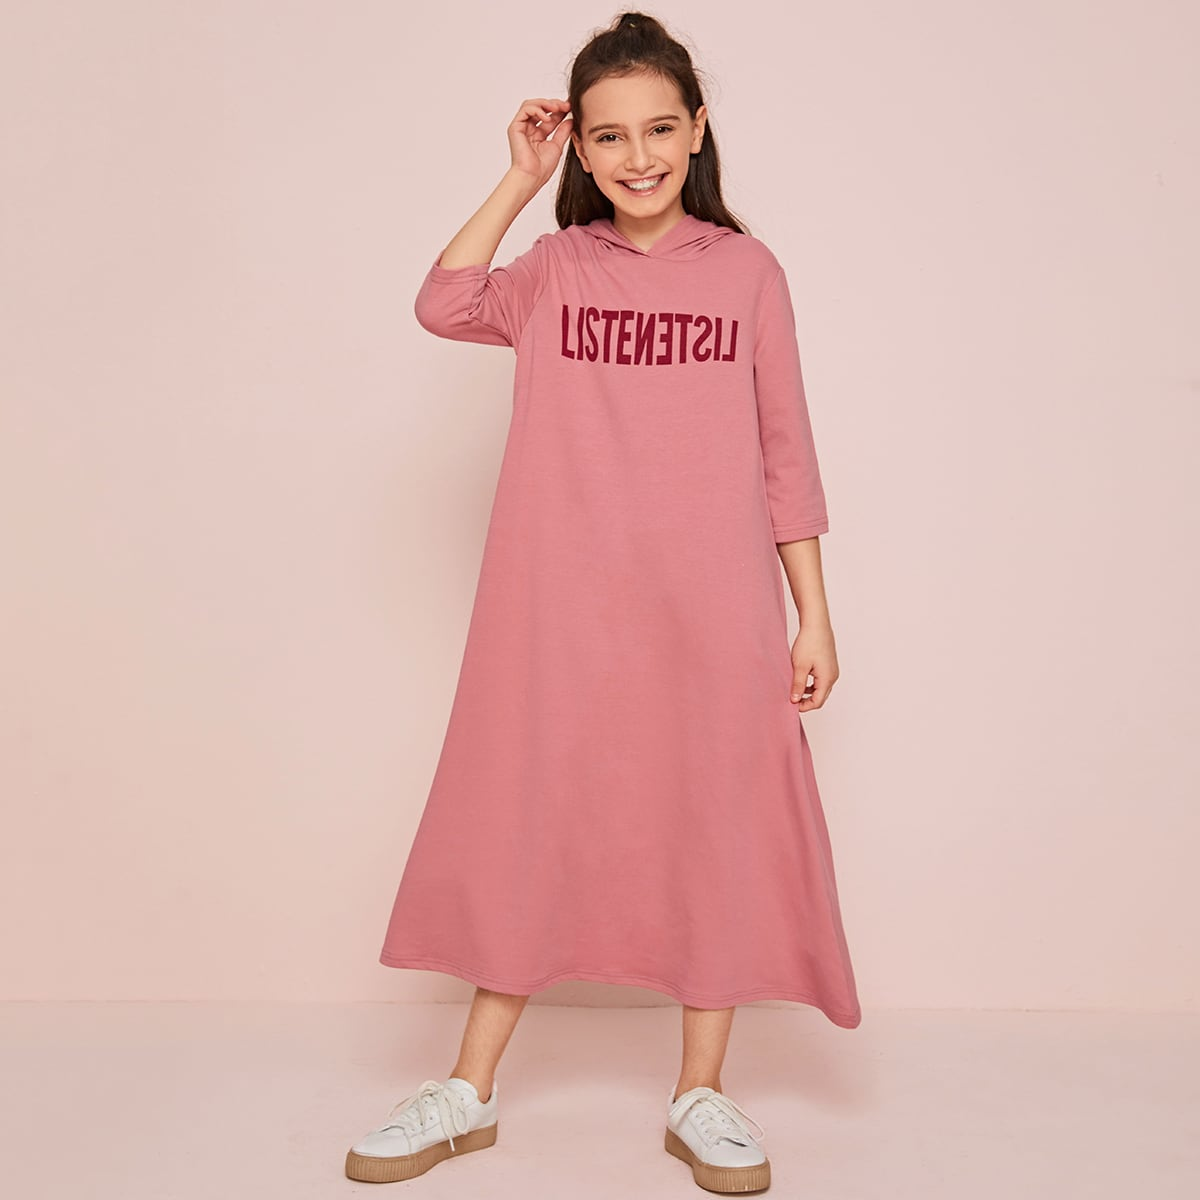 Платье-свитшот с капюшоном и текстовым принтом для девочек от SHEIN